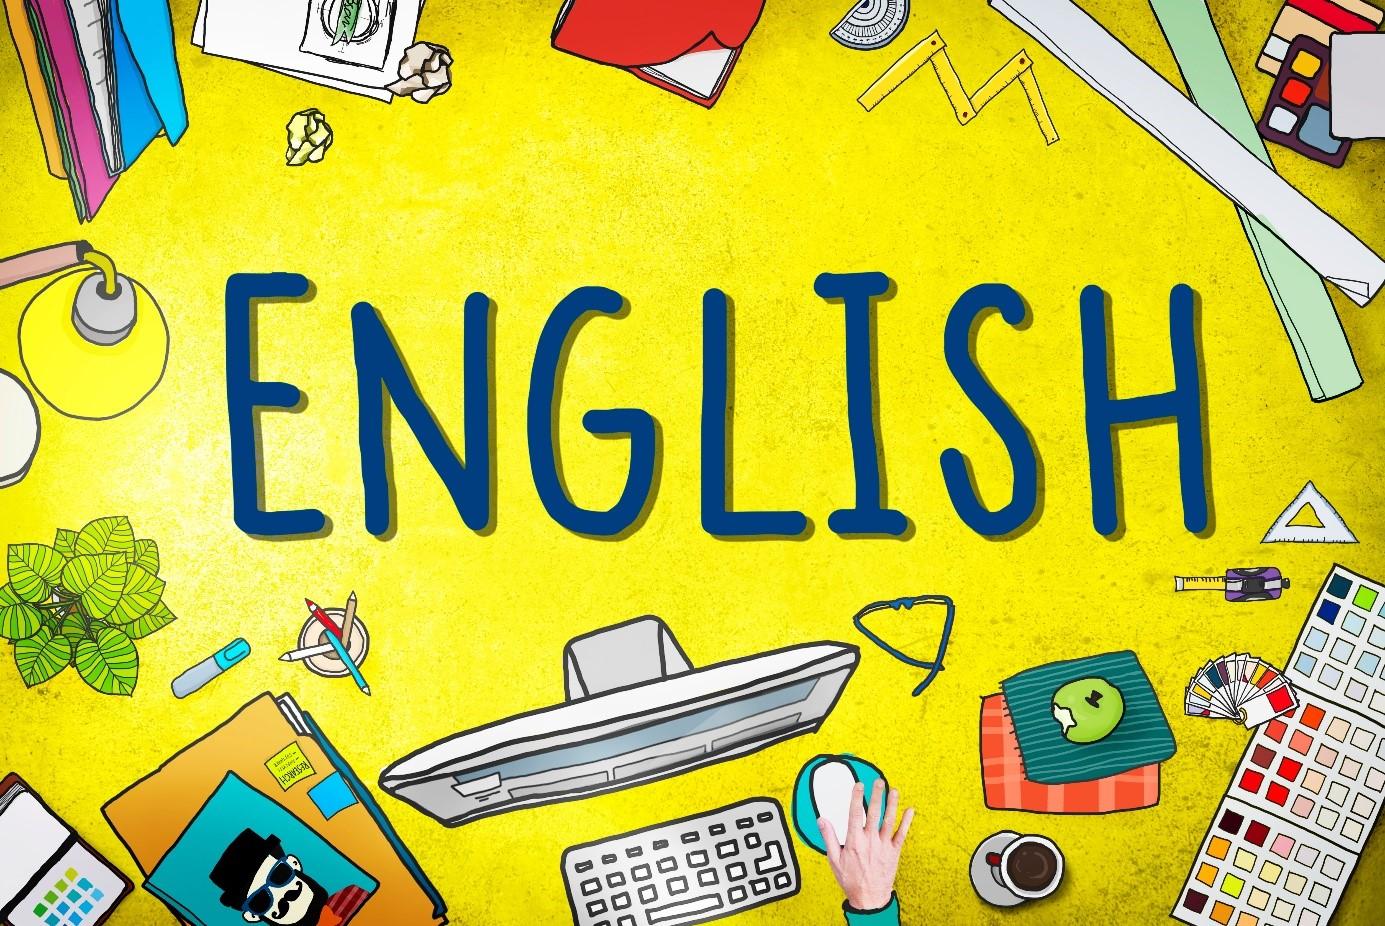 ingilizce-sifatlar-adjectives-konu-anlatimi-ve-listesi